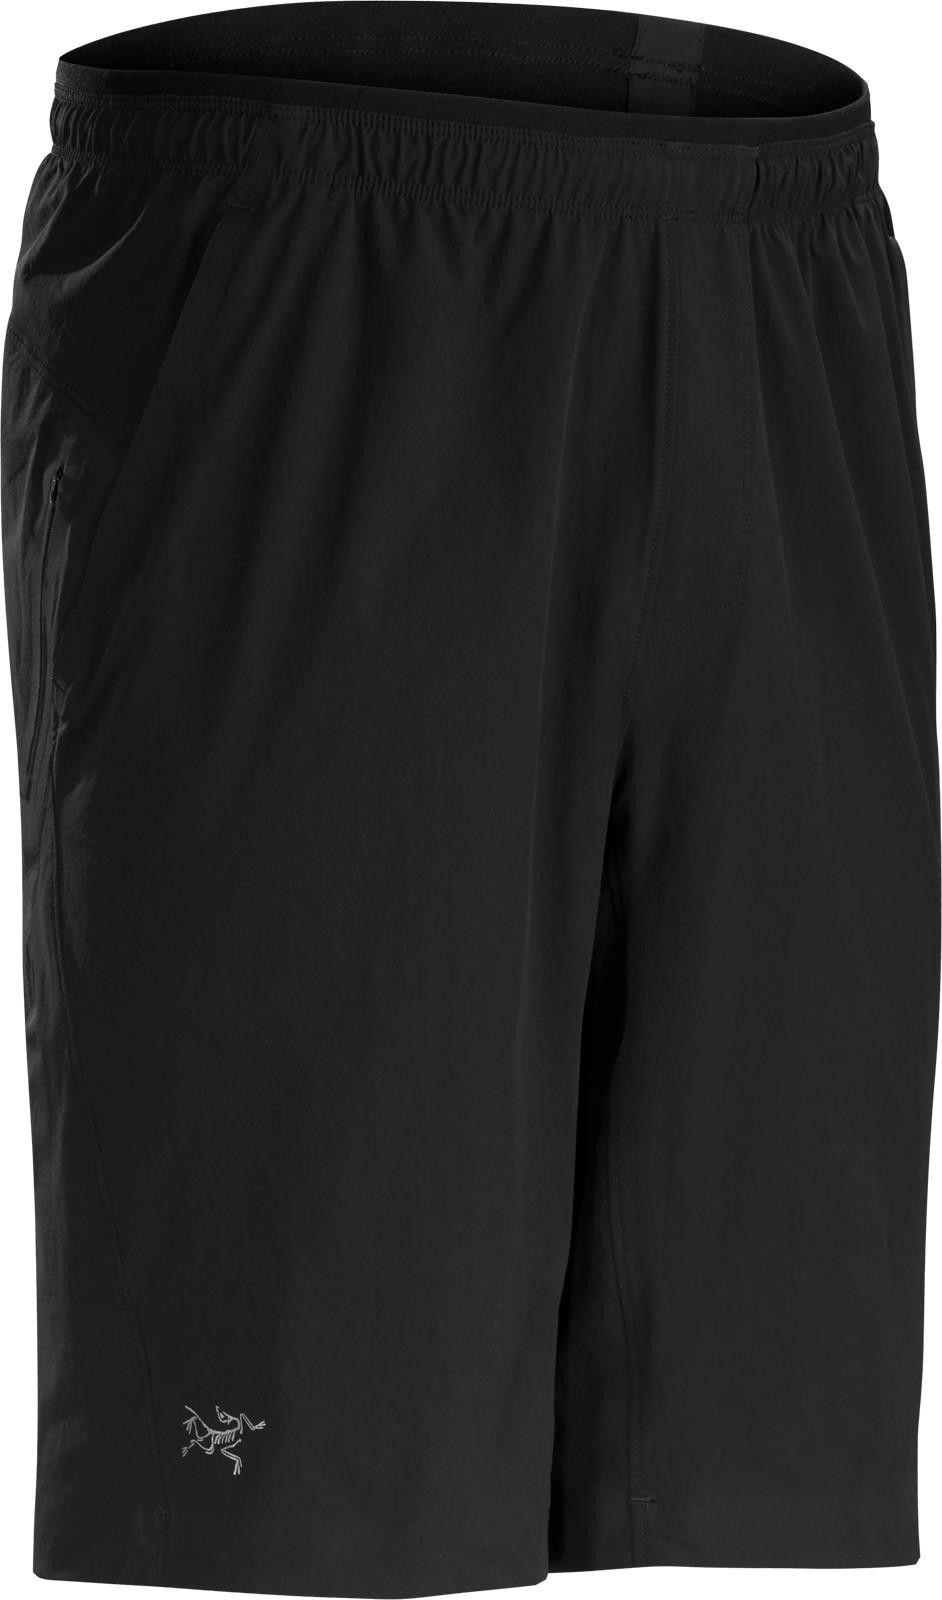 Arcteryx Aptin Short Schwarz, Male Shorts, XL